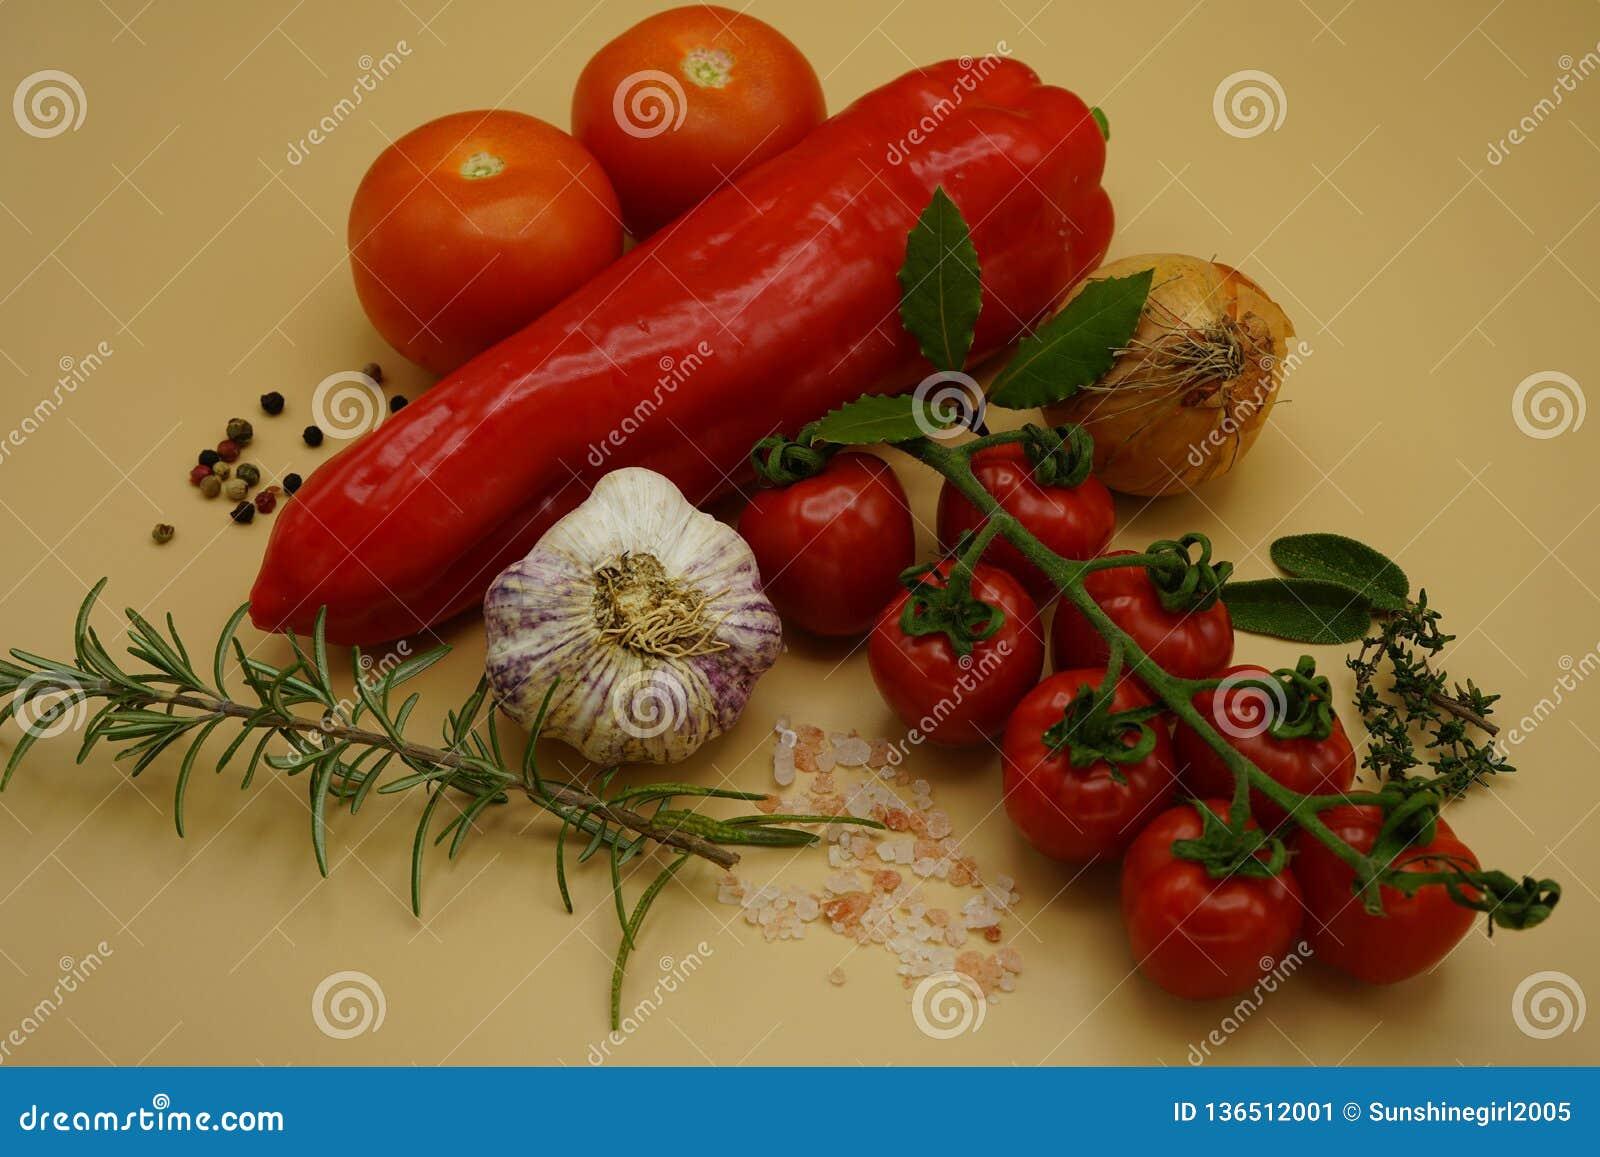 Συστατικά για να κάνει την ιταλική σάλτσα ζυμαρικών